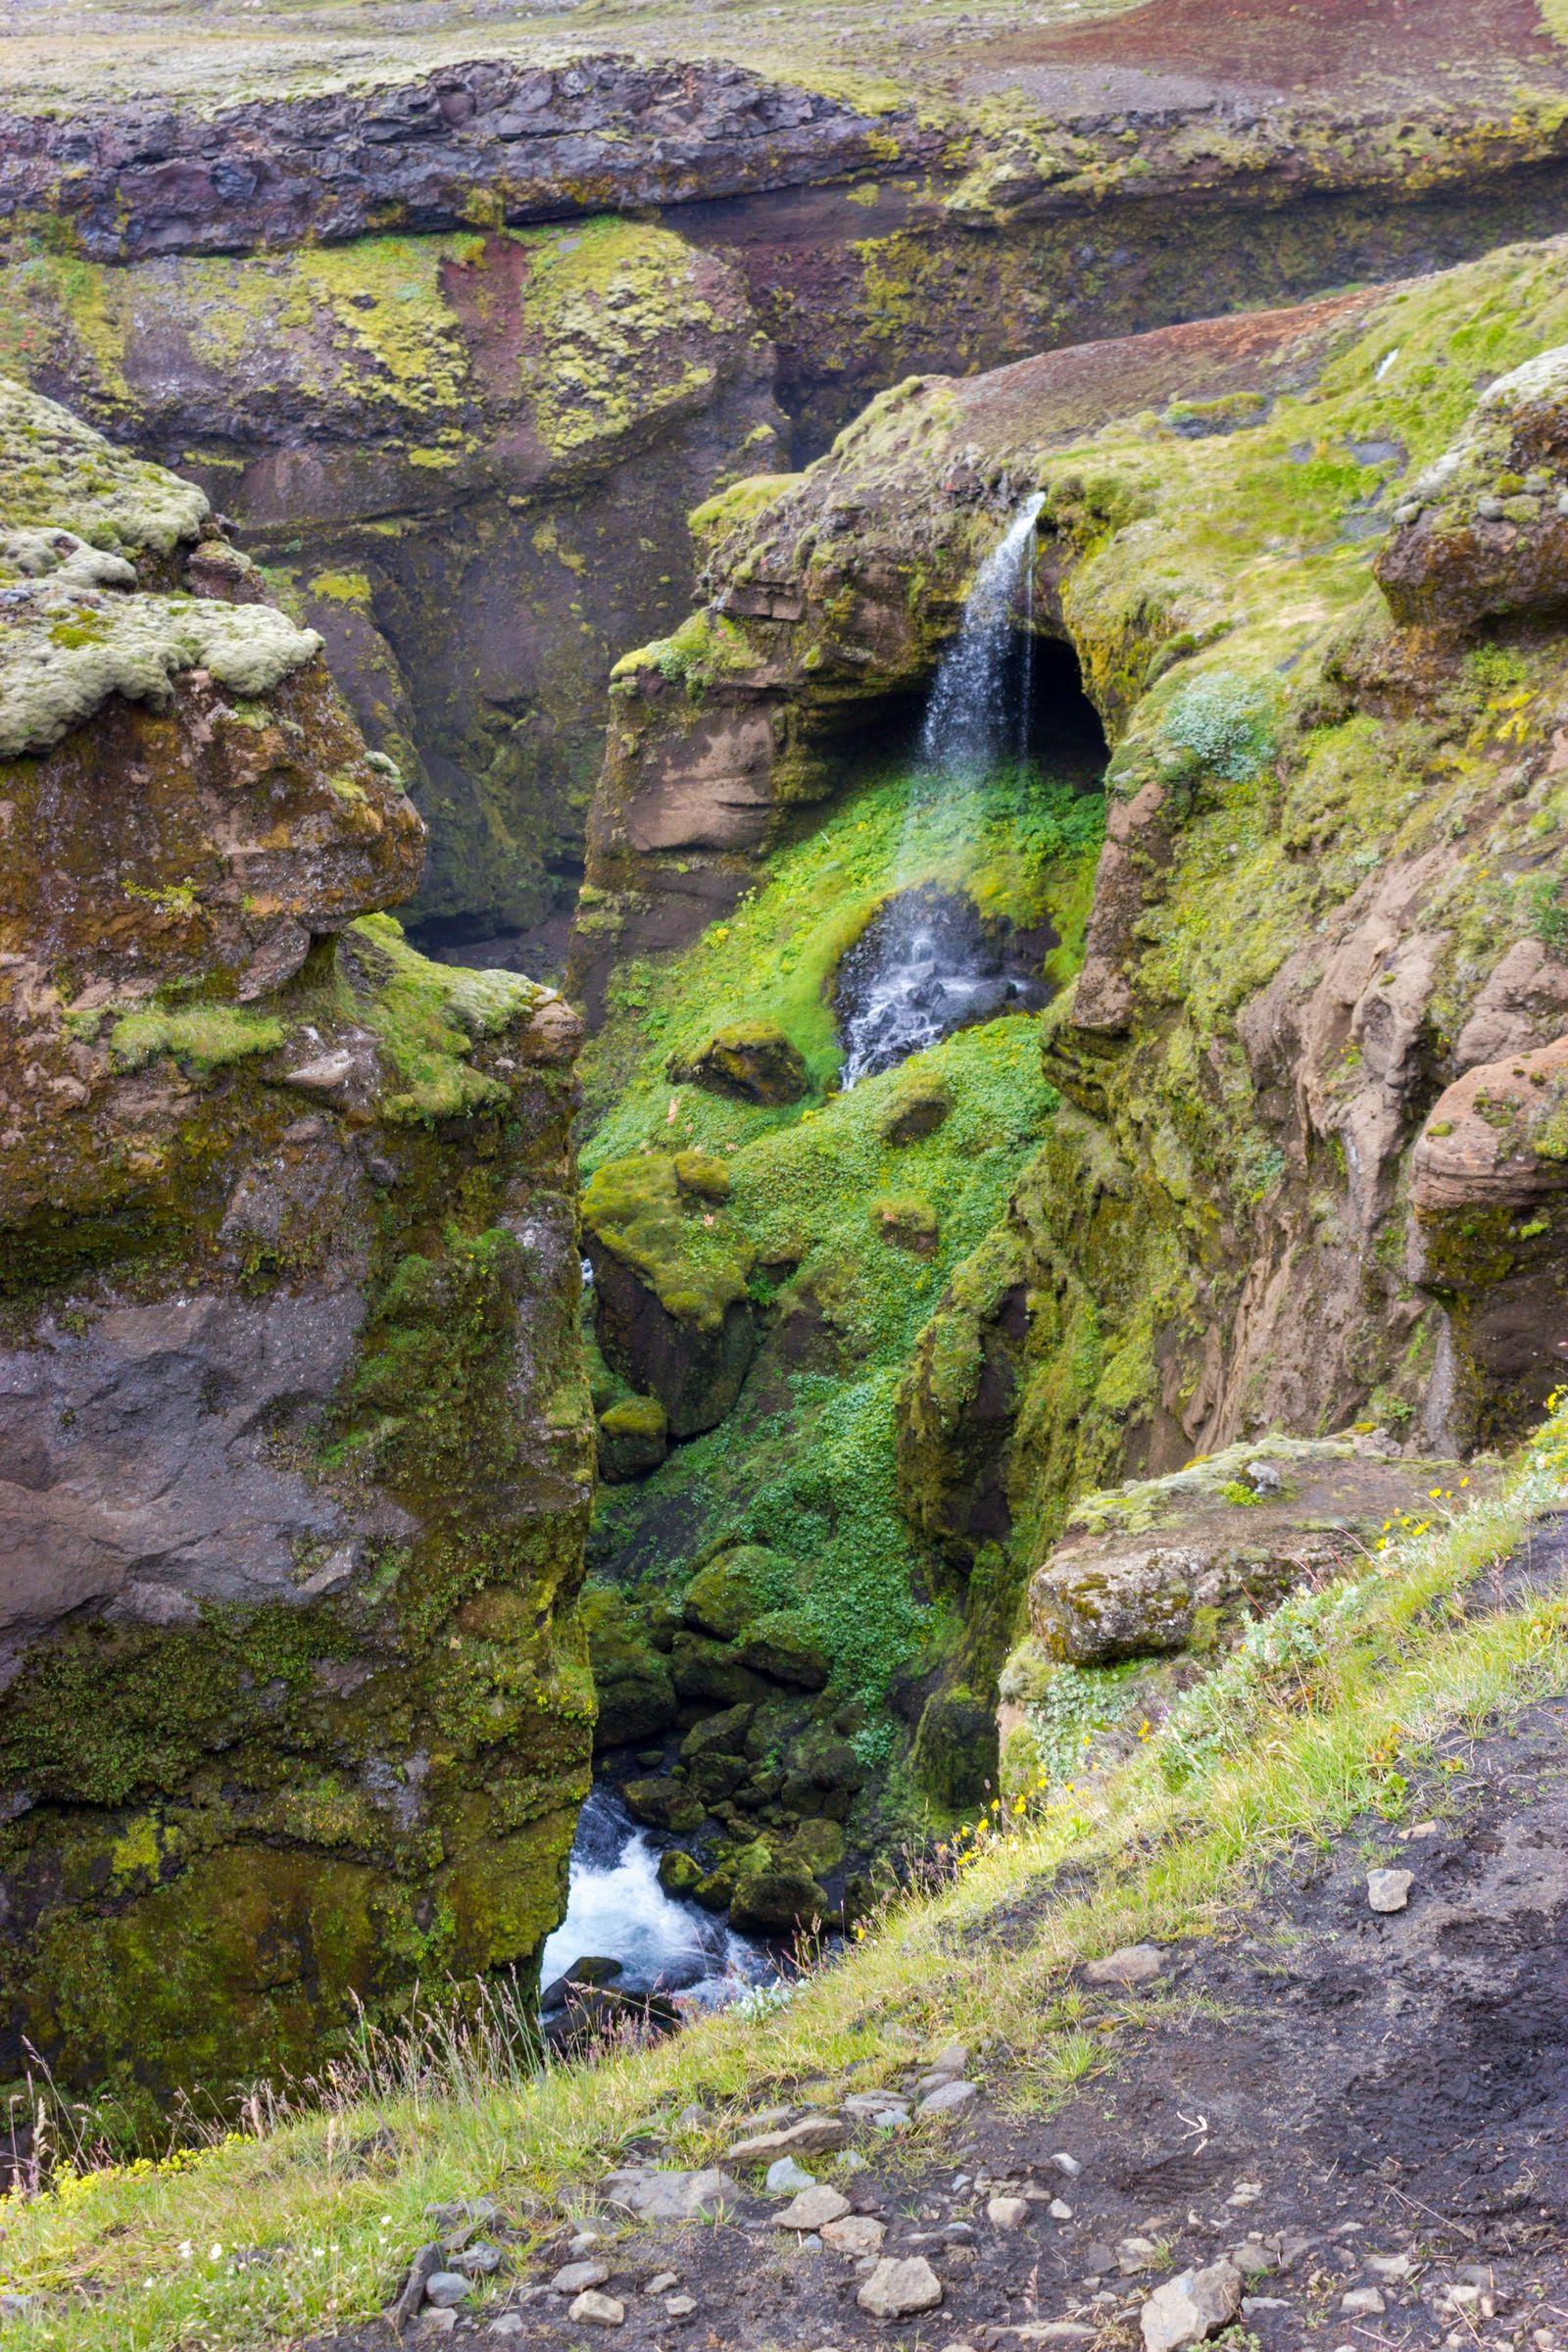 El río se esconde en un estrecho cañón